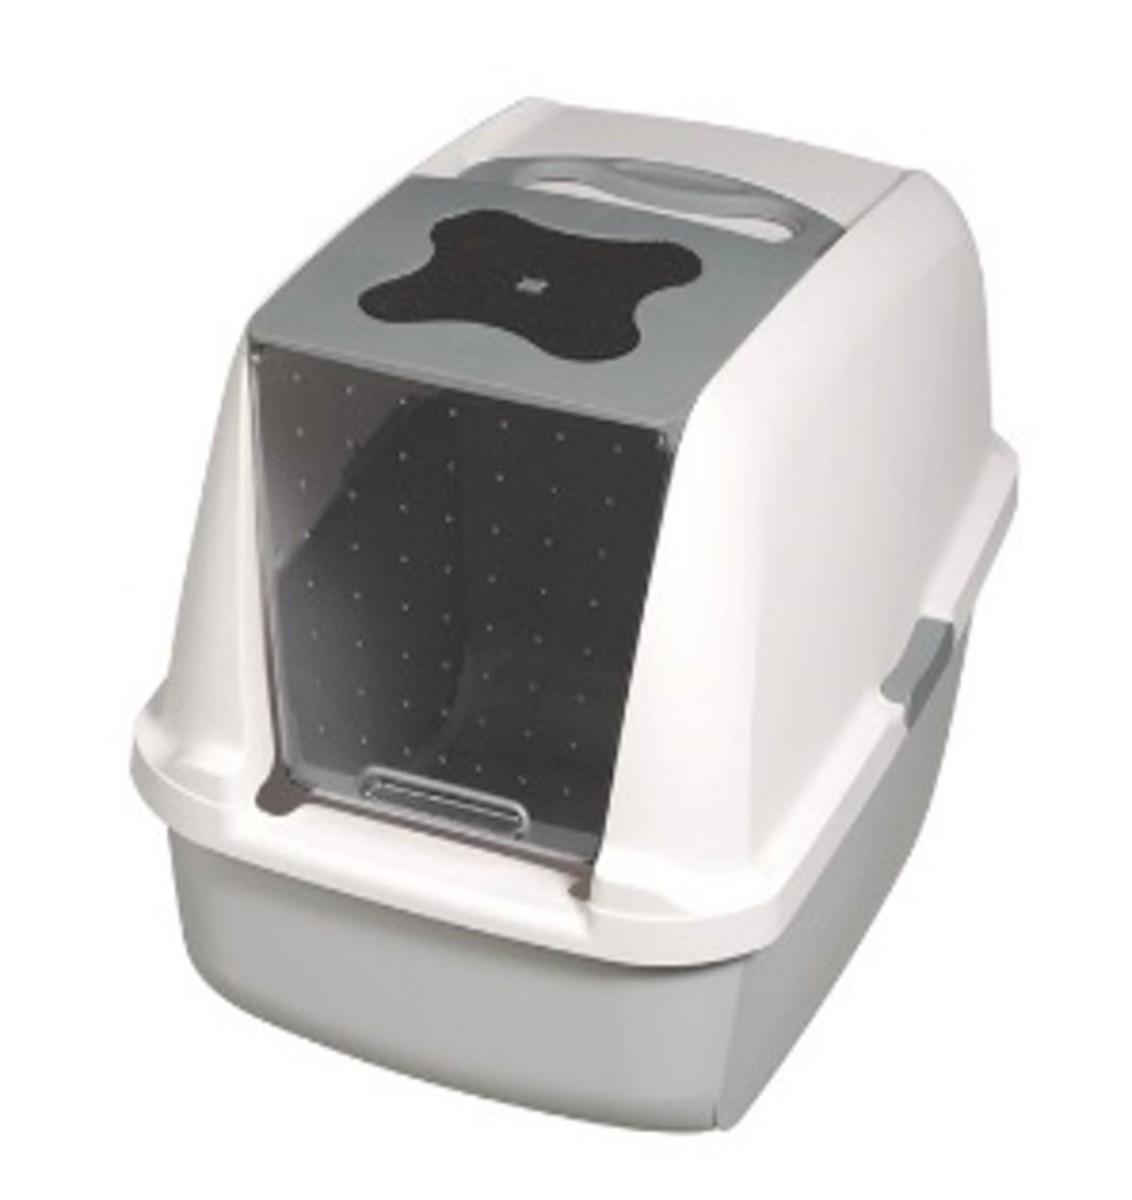 Cat Hooded Cat Litter Pan,Grey & White-V 57x46.5x39cm